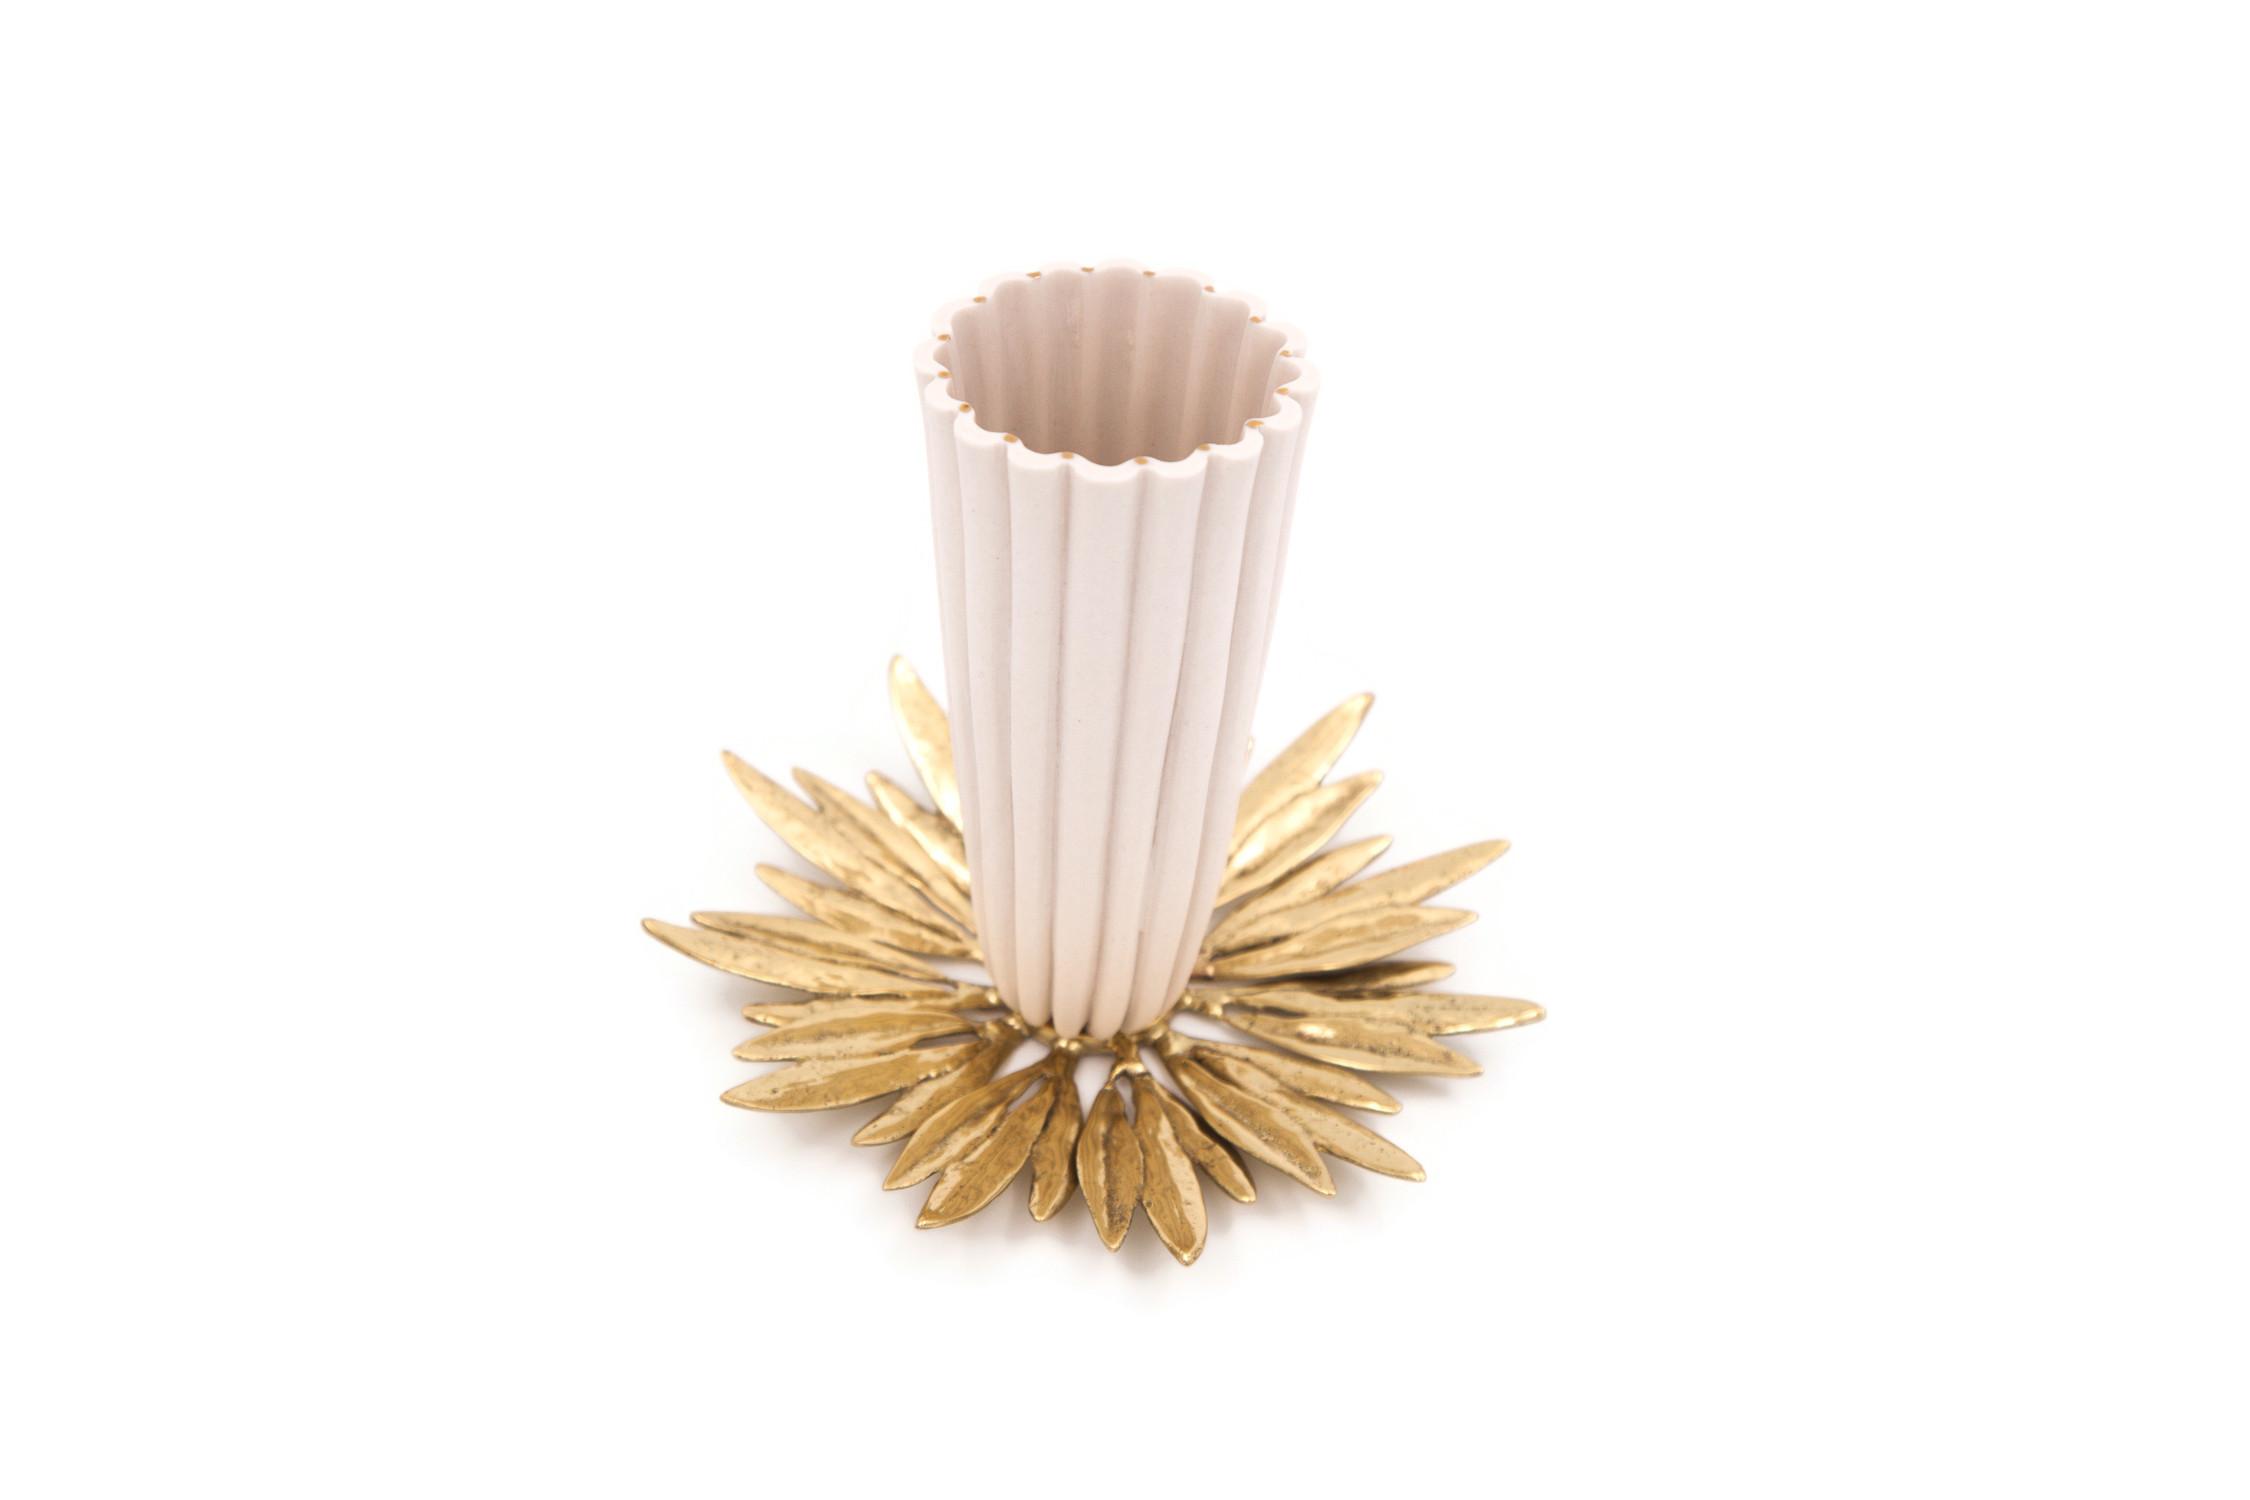 Porcelain Fluted Cup Solid Brass Olive Leaf Charger Set